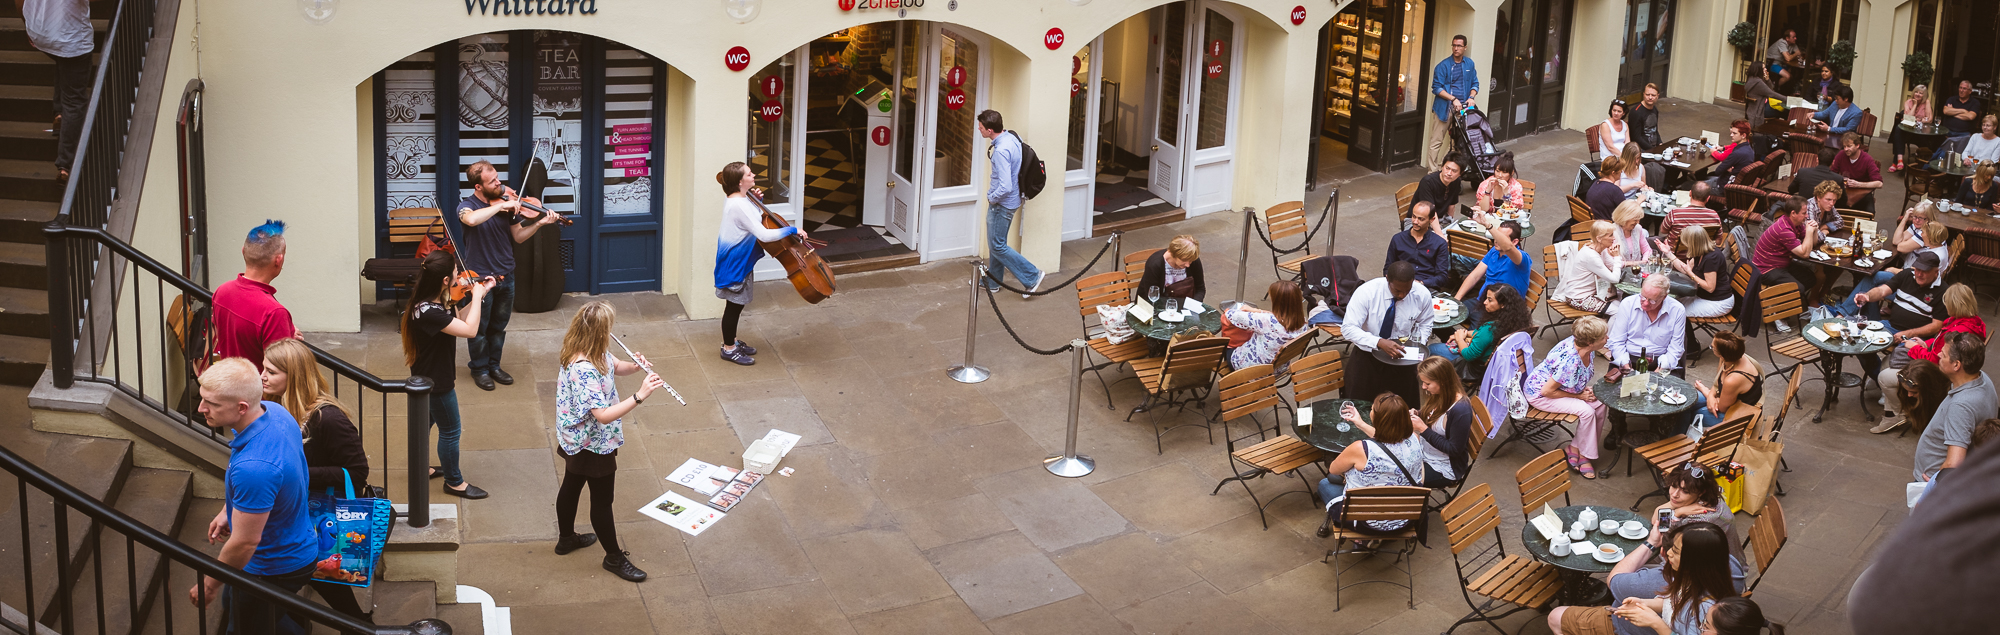 Músicos en Covent Garden